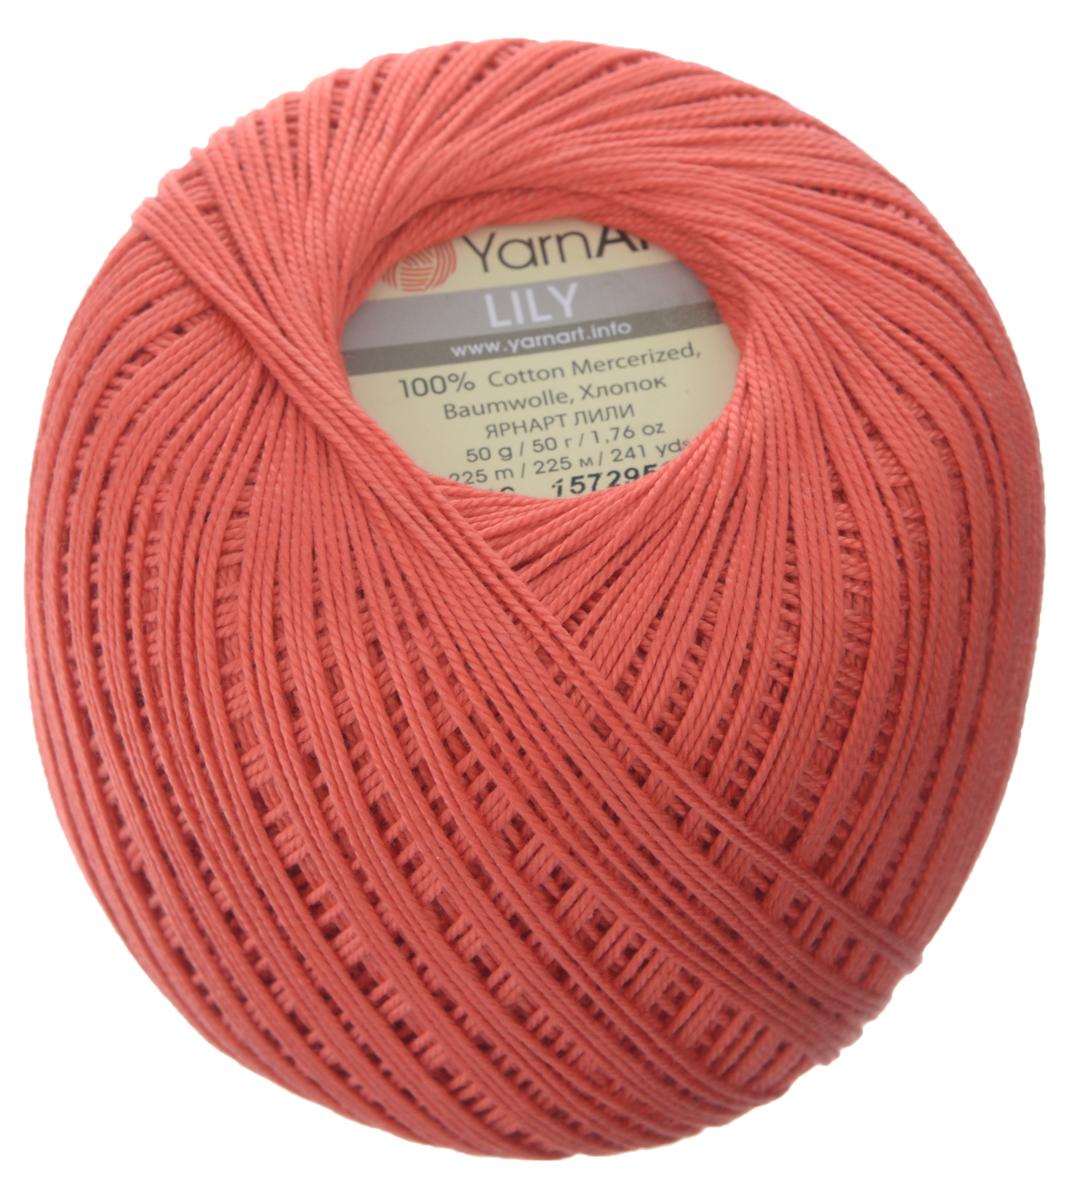 Пряжа для вязания YarnArt Lily, цвет: коралловый (4910), 225 м, 50 г, 8 шт372073_4910Пряжа YarnArt Lily - тонкая, гладкая и упругая пряжа из 100% мерсеризованного хлопка для вязания крючком и спицами. Нить хорошо скручена и не расслаивается. Это классическая пряжа, которая пользуется большой популярностью. Отлично подходит для вязания ажурных изделий. Замечательный вариант для вязания в технике ирландского кружева. Рекомендуется для вязания крючком 1,75-2 мм и на спицах 2,5 мм. Комплектация: 8 мотков. Толщина нити: 1 мм. Состав: 100% мерсеризованный хлопок.